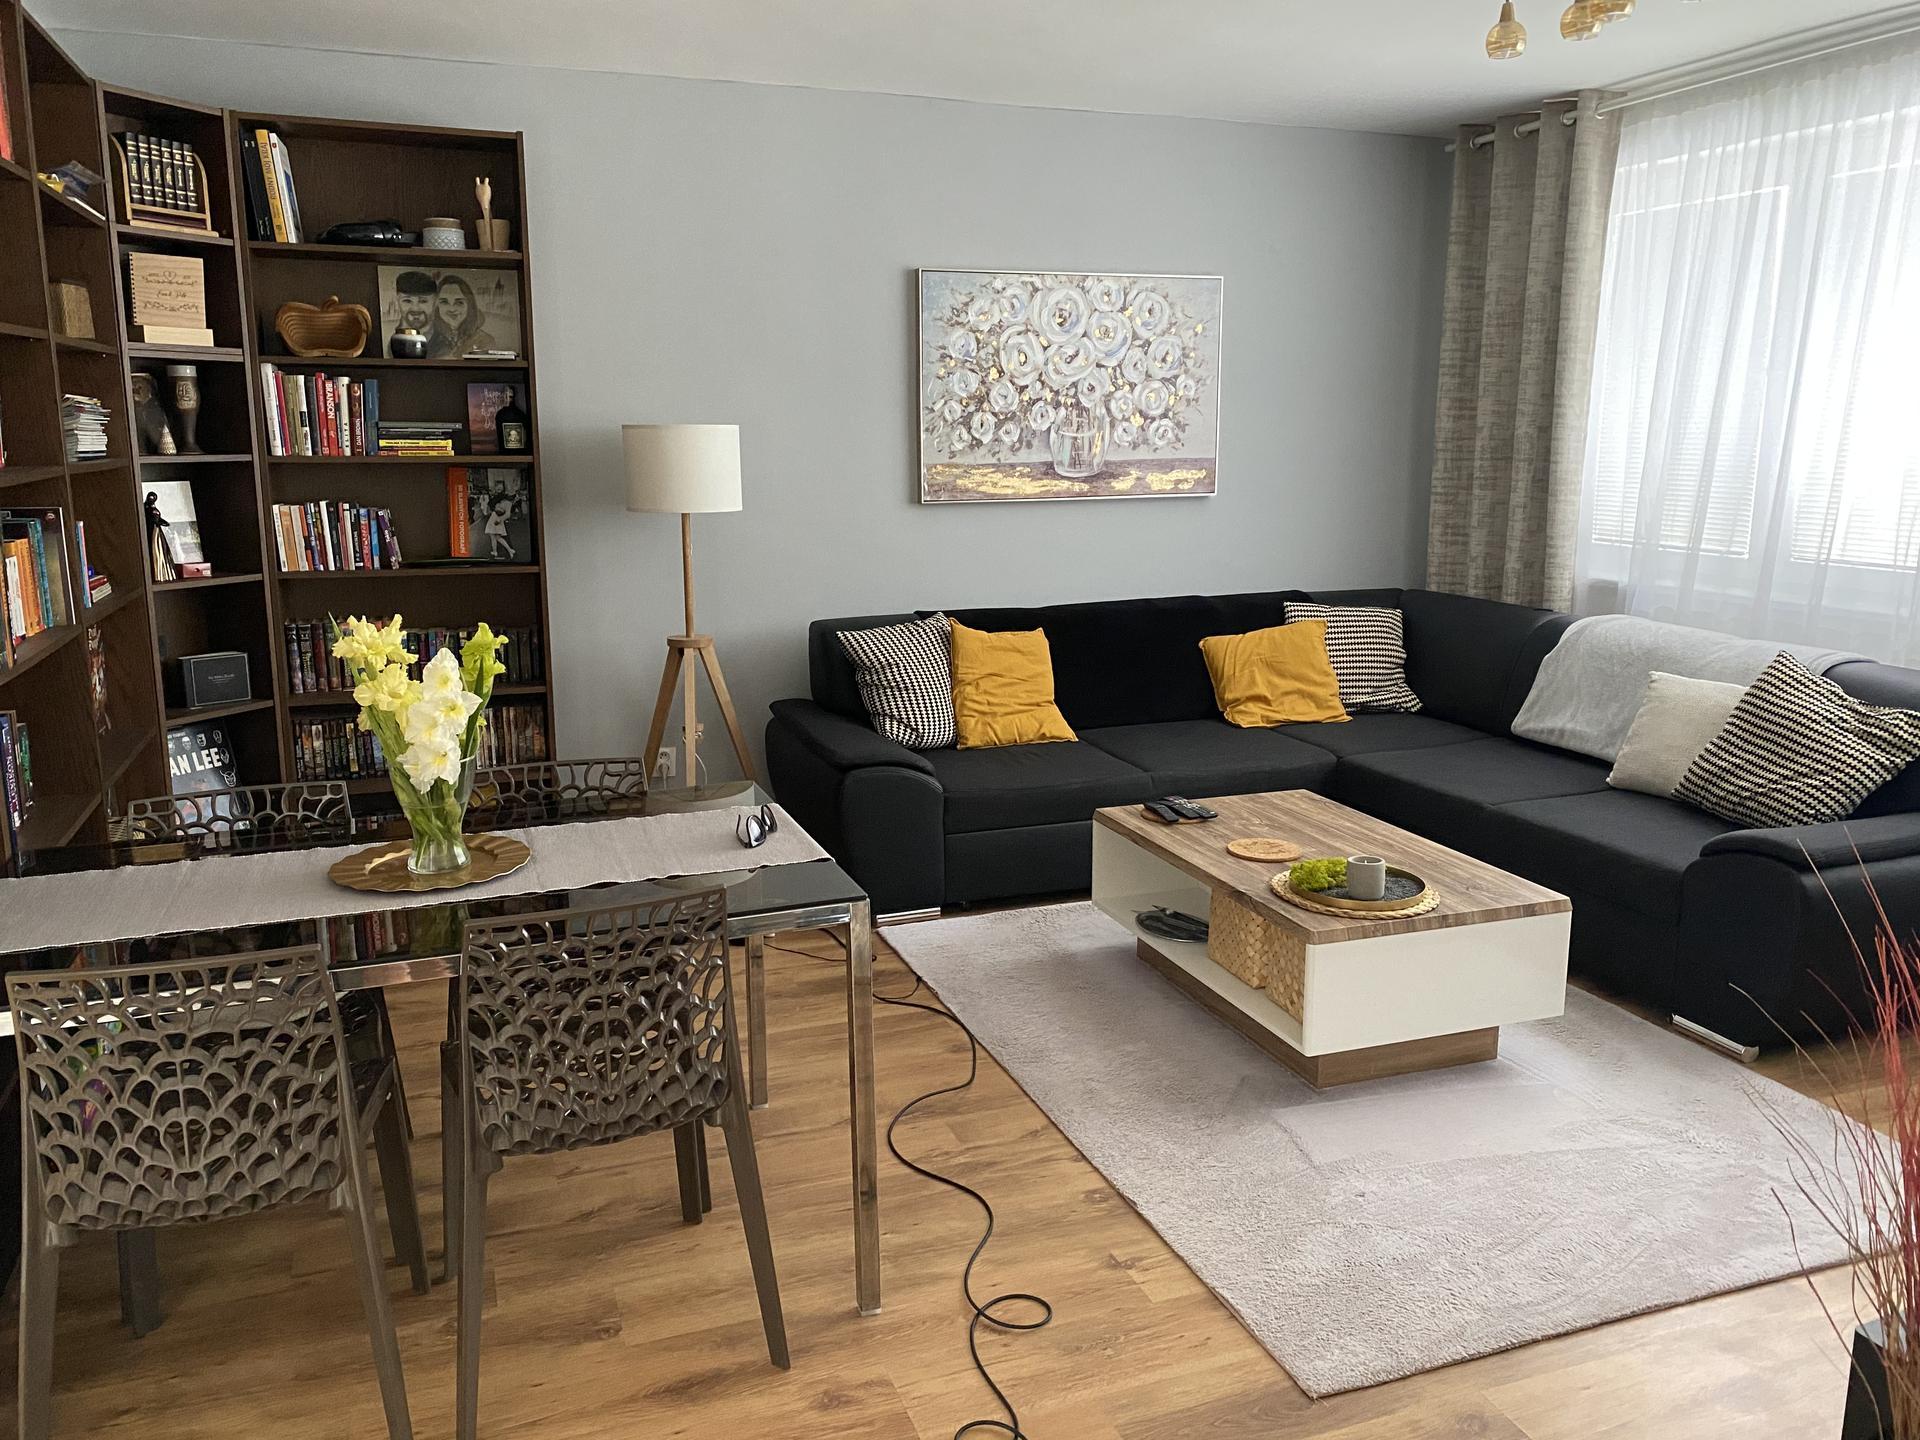 Rekonštrukcia dom kocka - Obývačka po rekonštrukcii